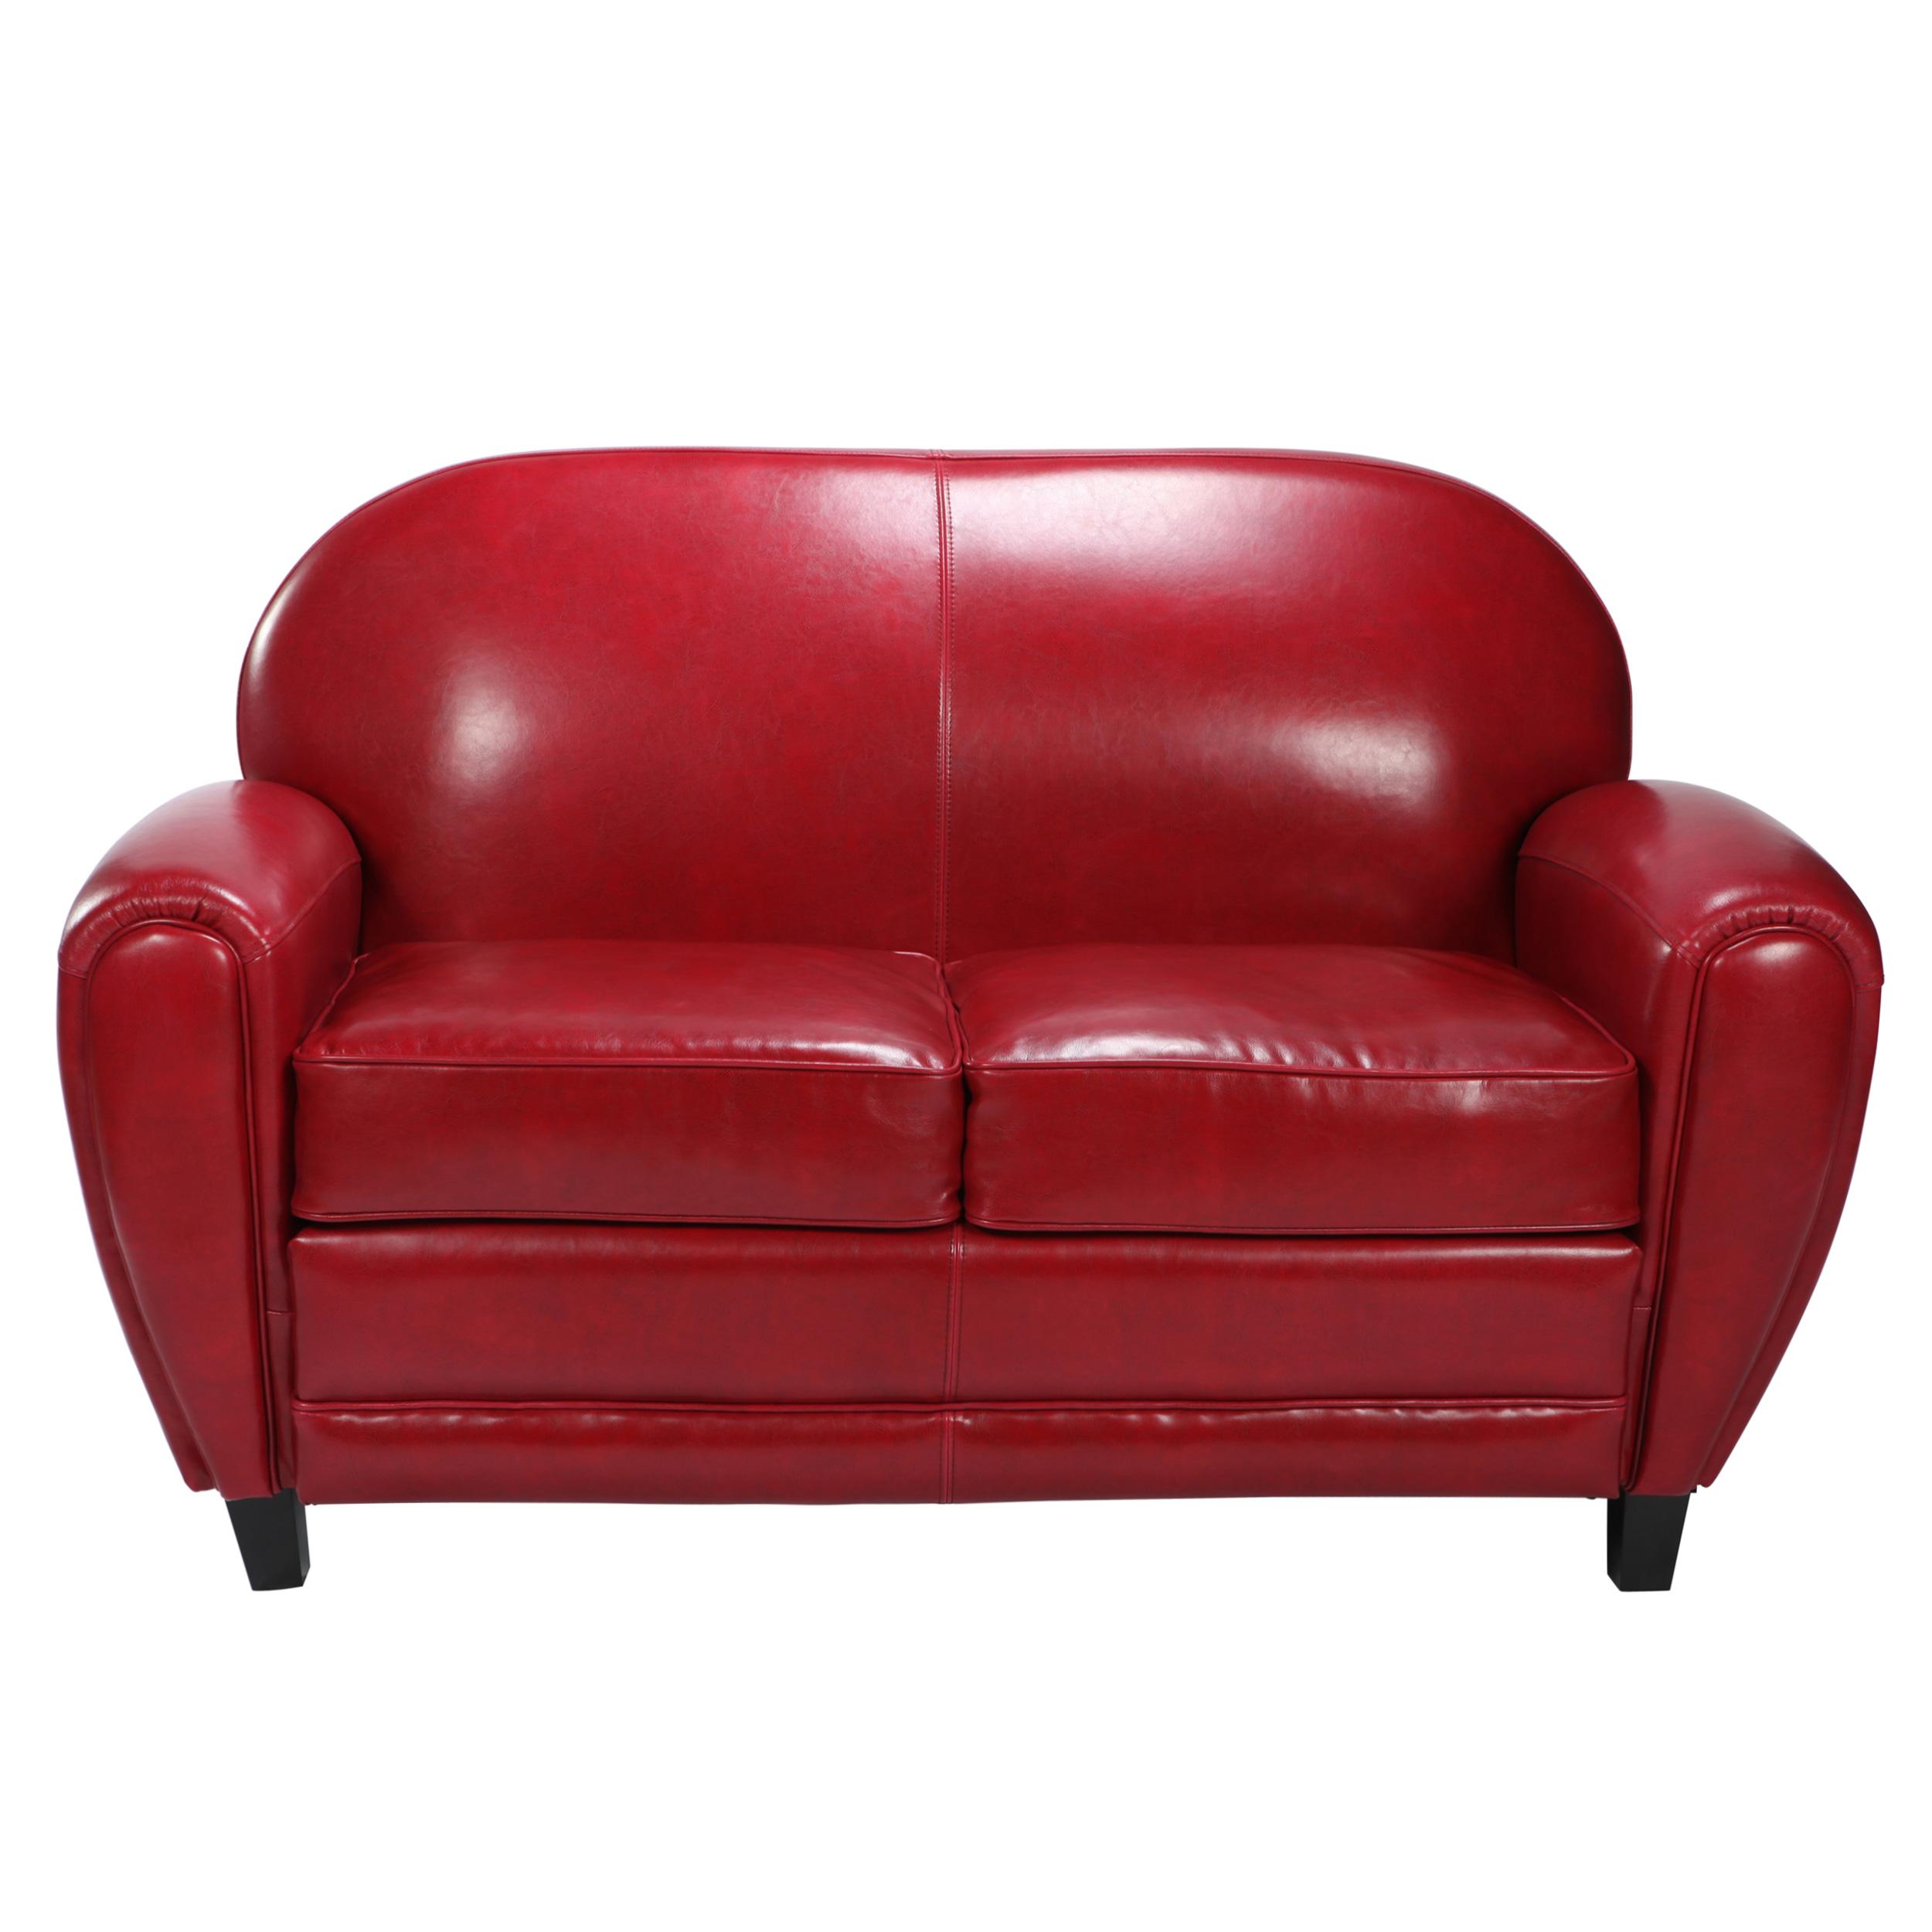 Canapé droit 2 places Rouge Cuir Design Confort